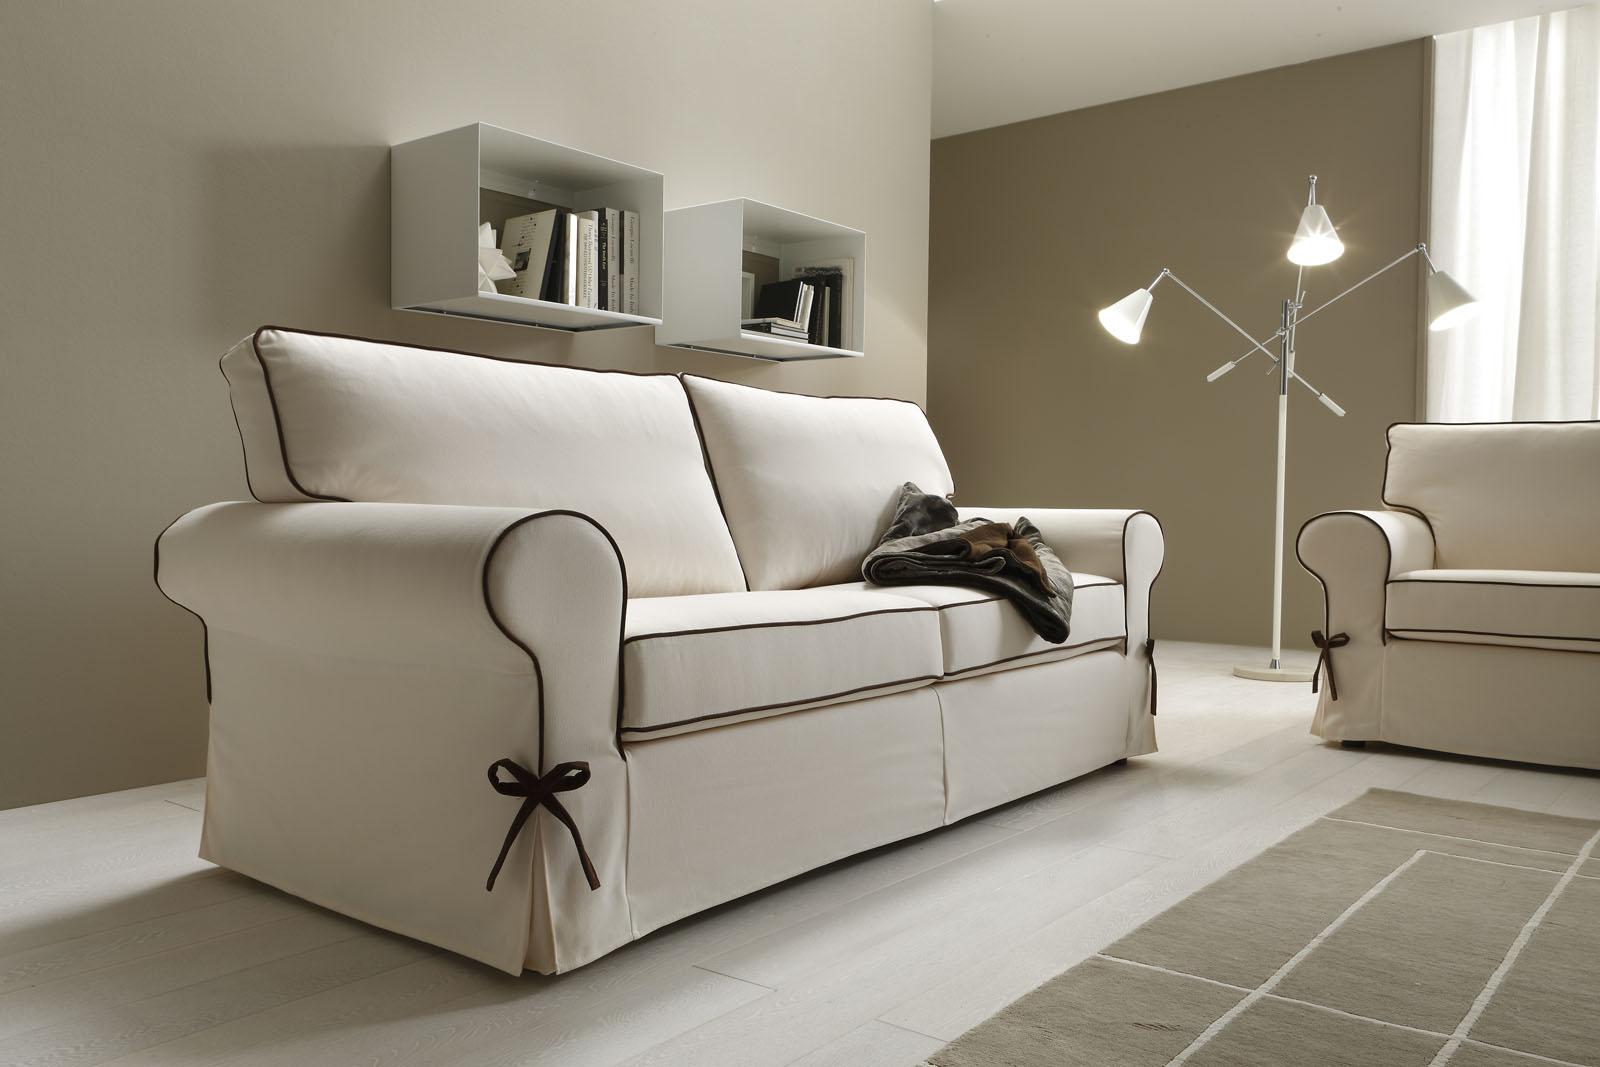 Divani blog tino mariani moda e tendenza arredare il salotto con il bianco for Divani e divani divani letto